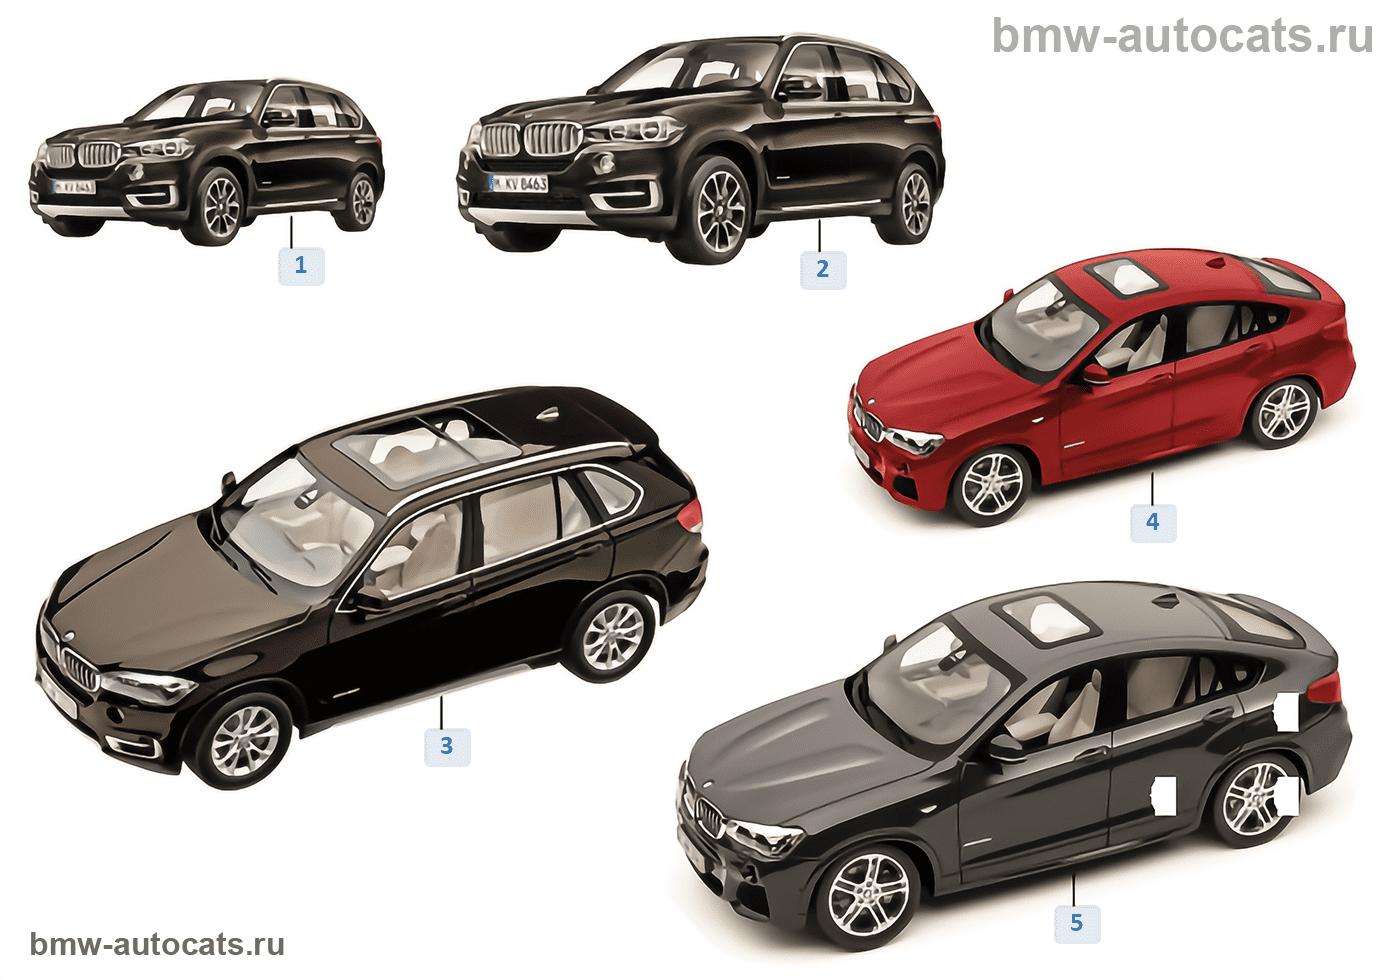 Миниат.модели BMW — BMW серии X 14/16